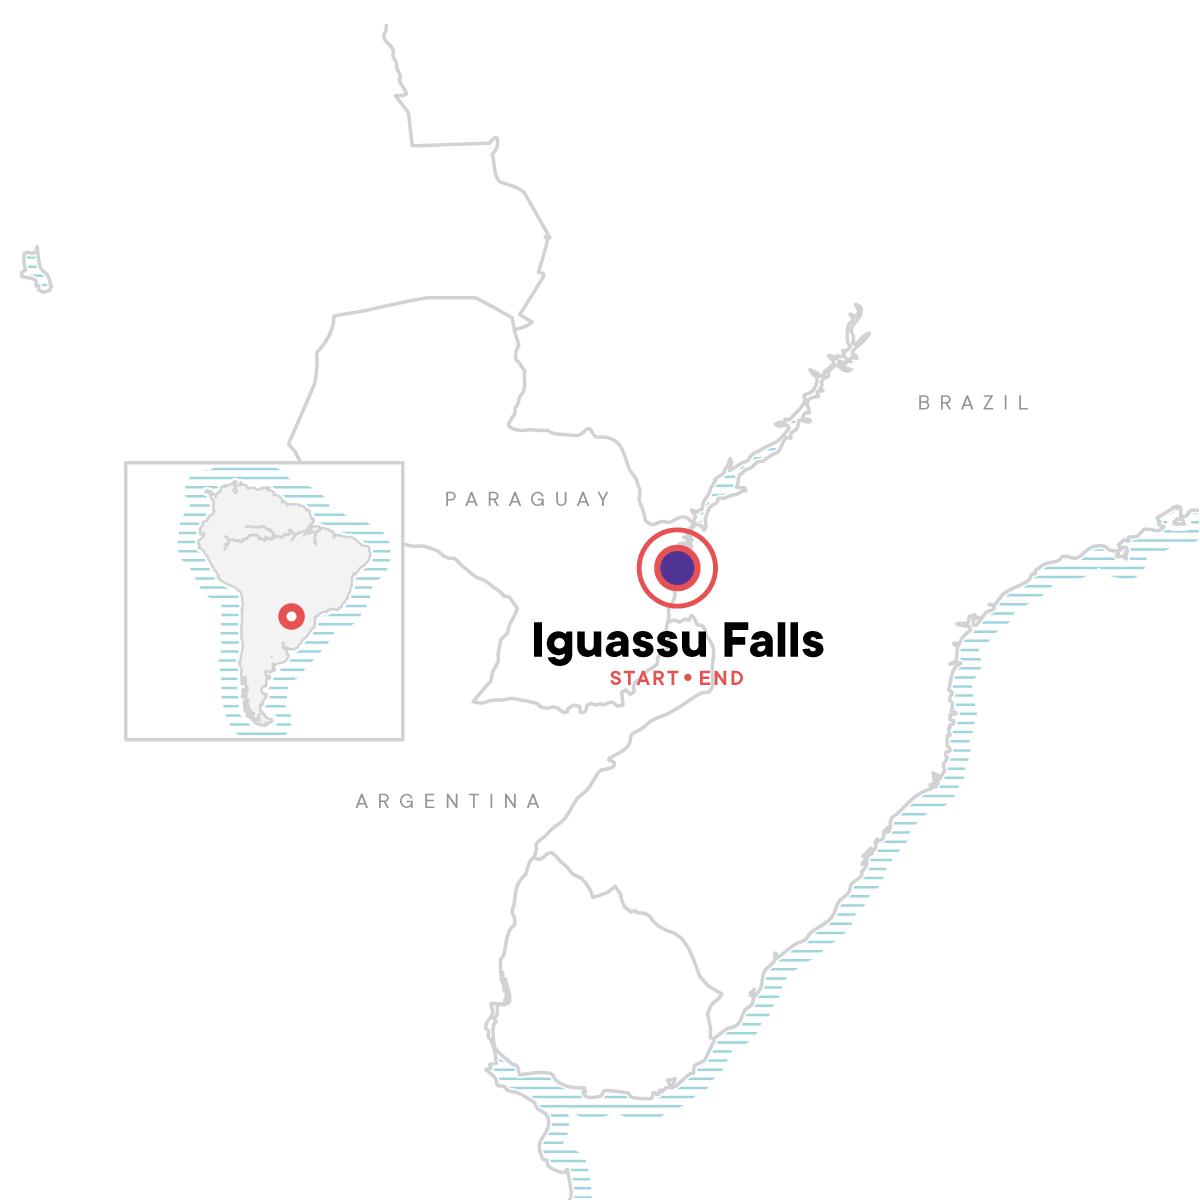 Iguassu Falls Independent Adventure - Upgraded Map